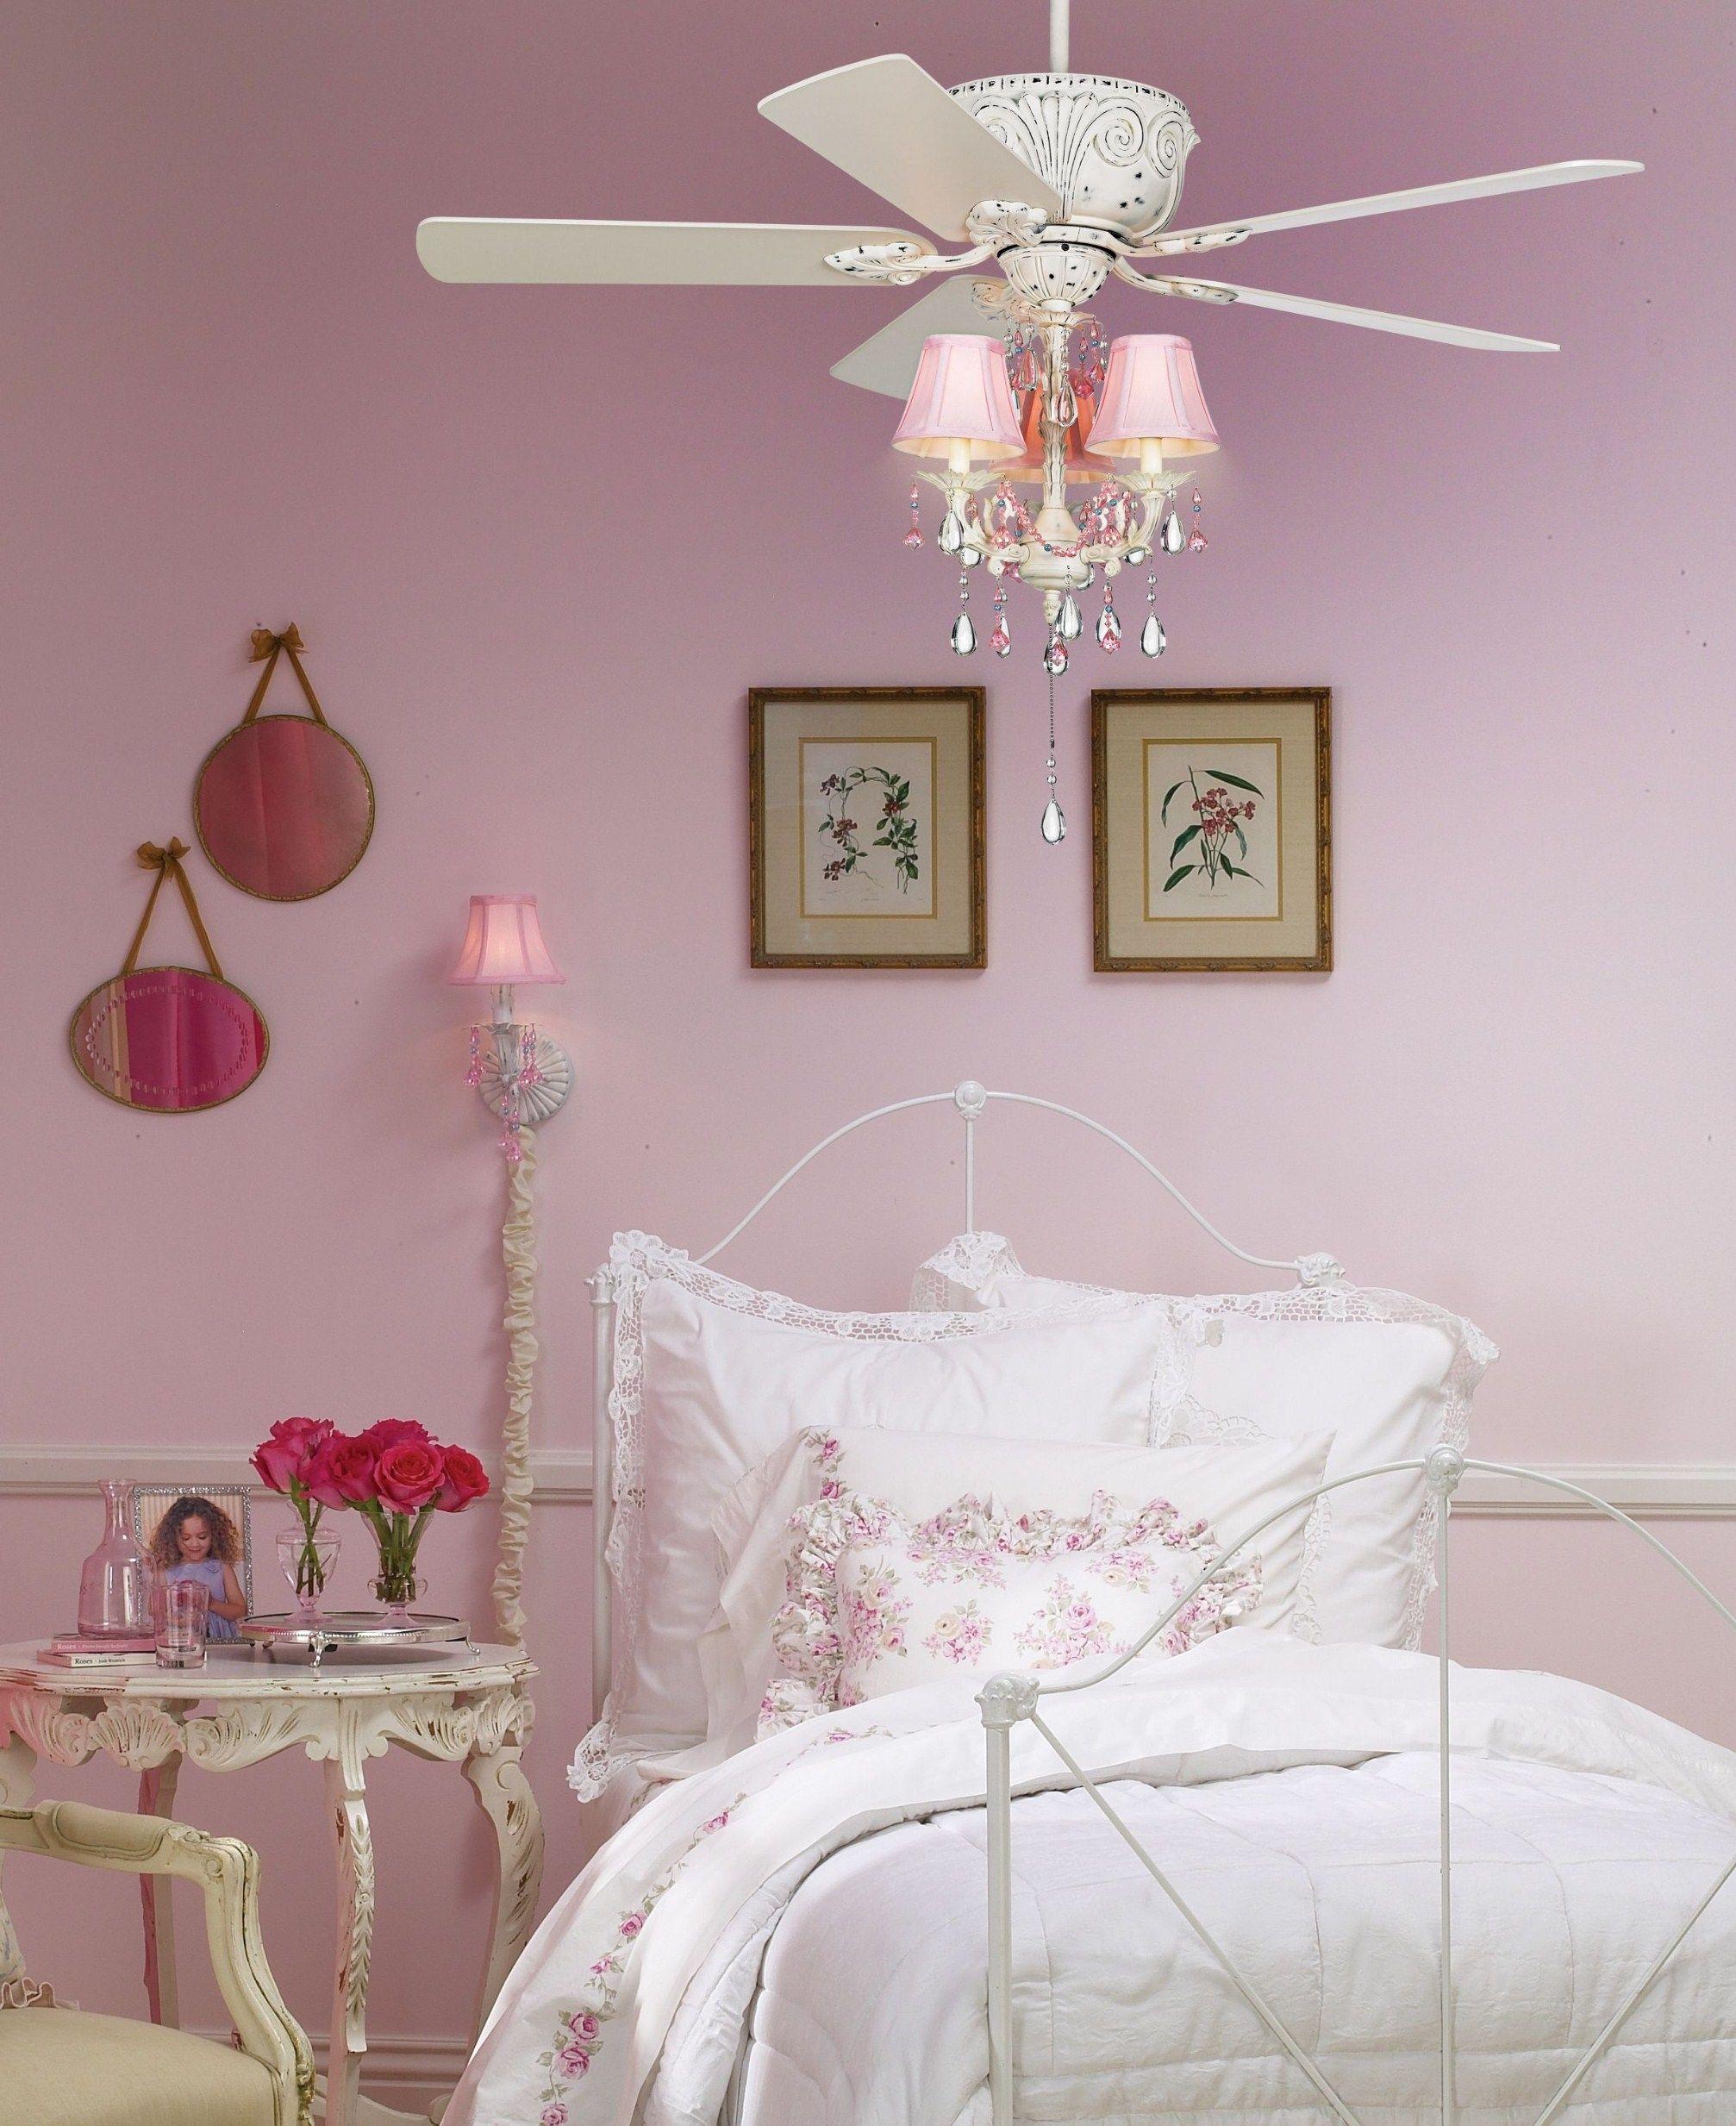 Pin by Dx on Bedroom Ideas Ceiling fan chandelier, Girls